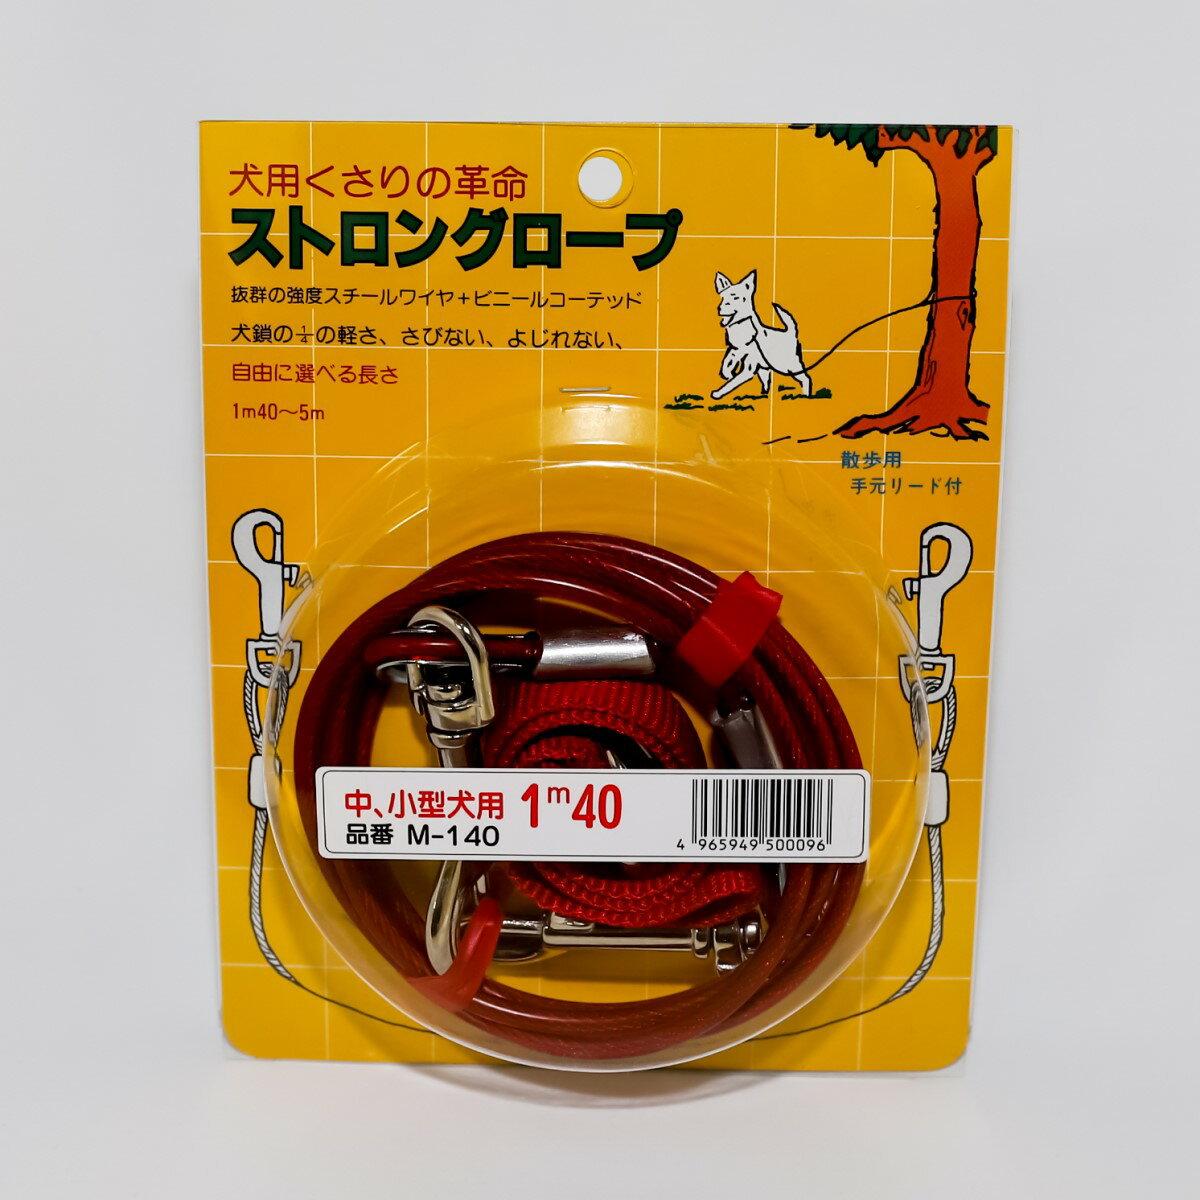 ペット用品ストロングロープ